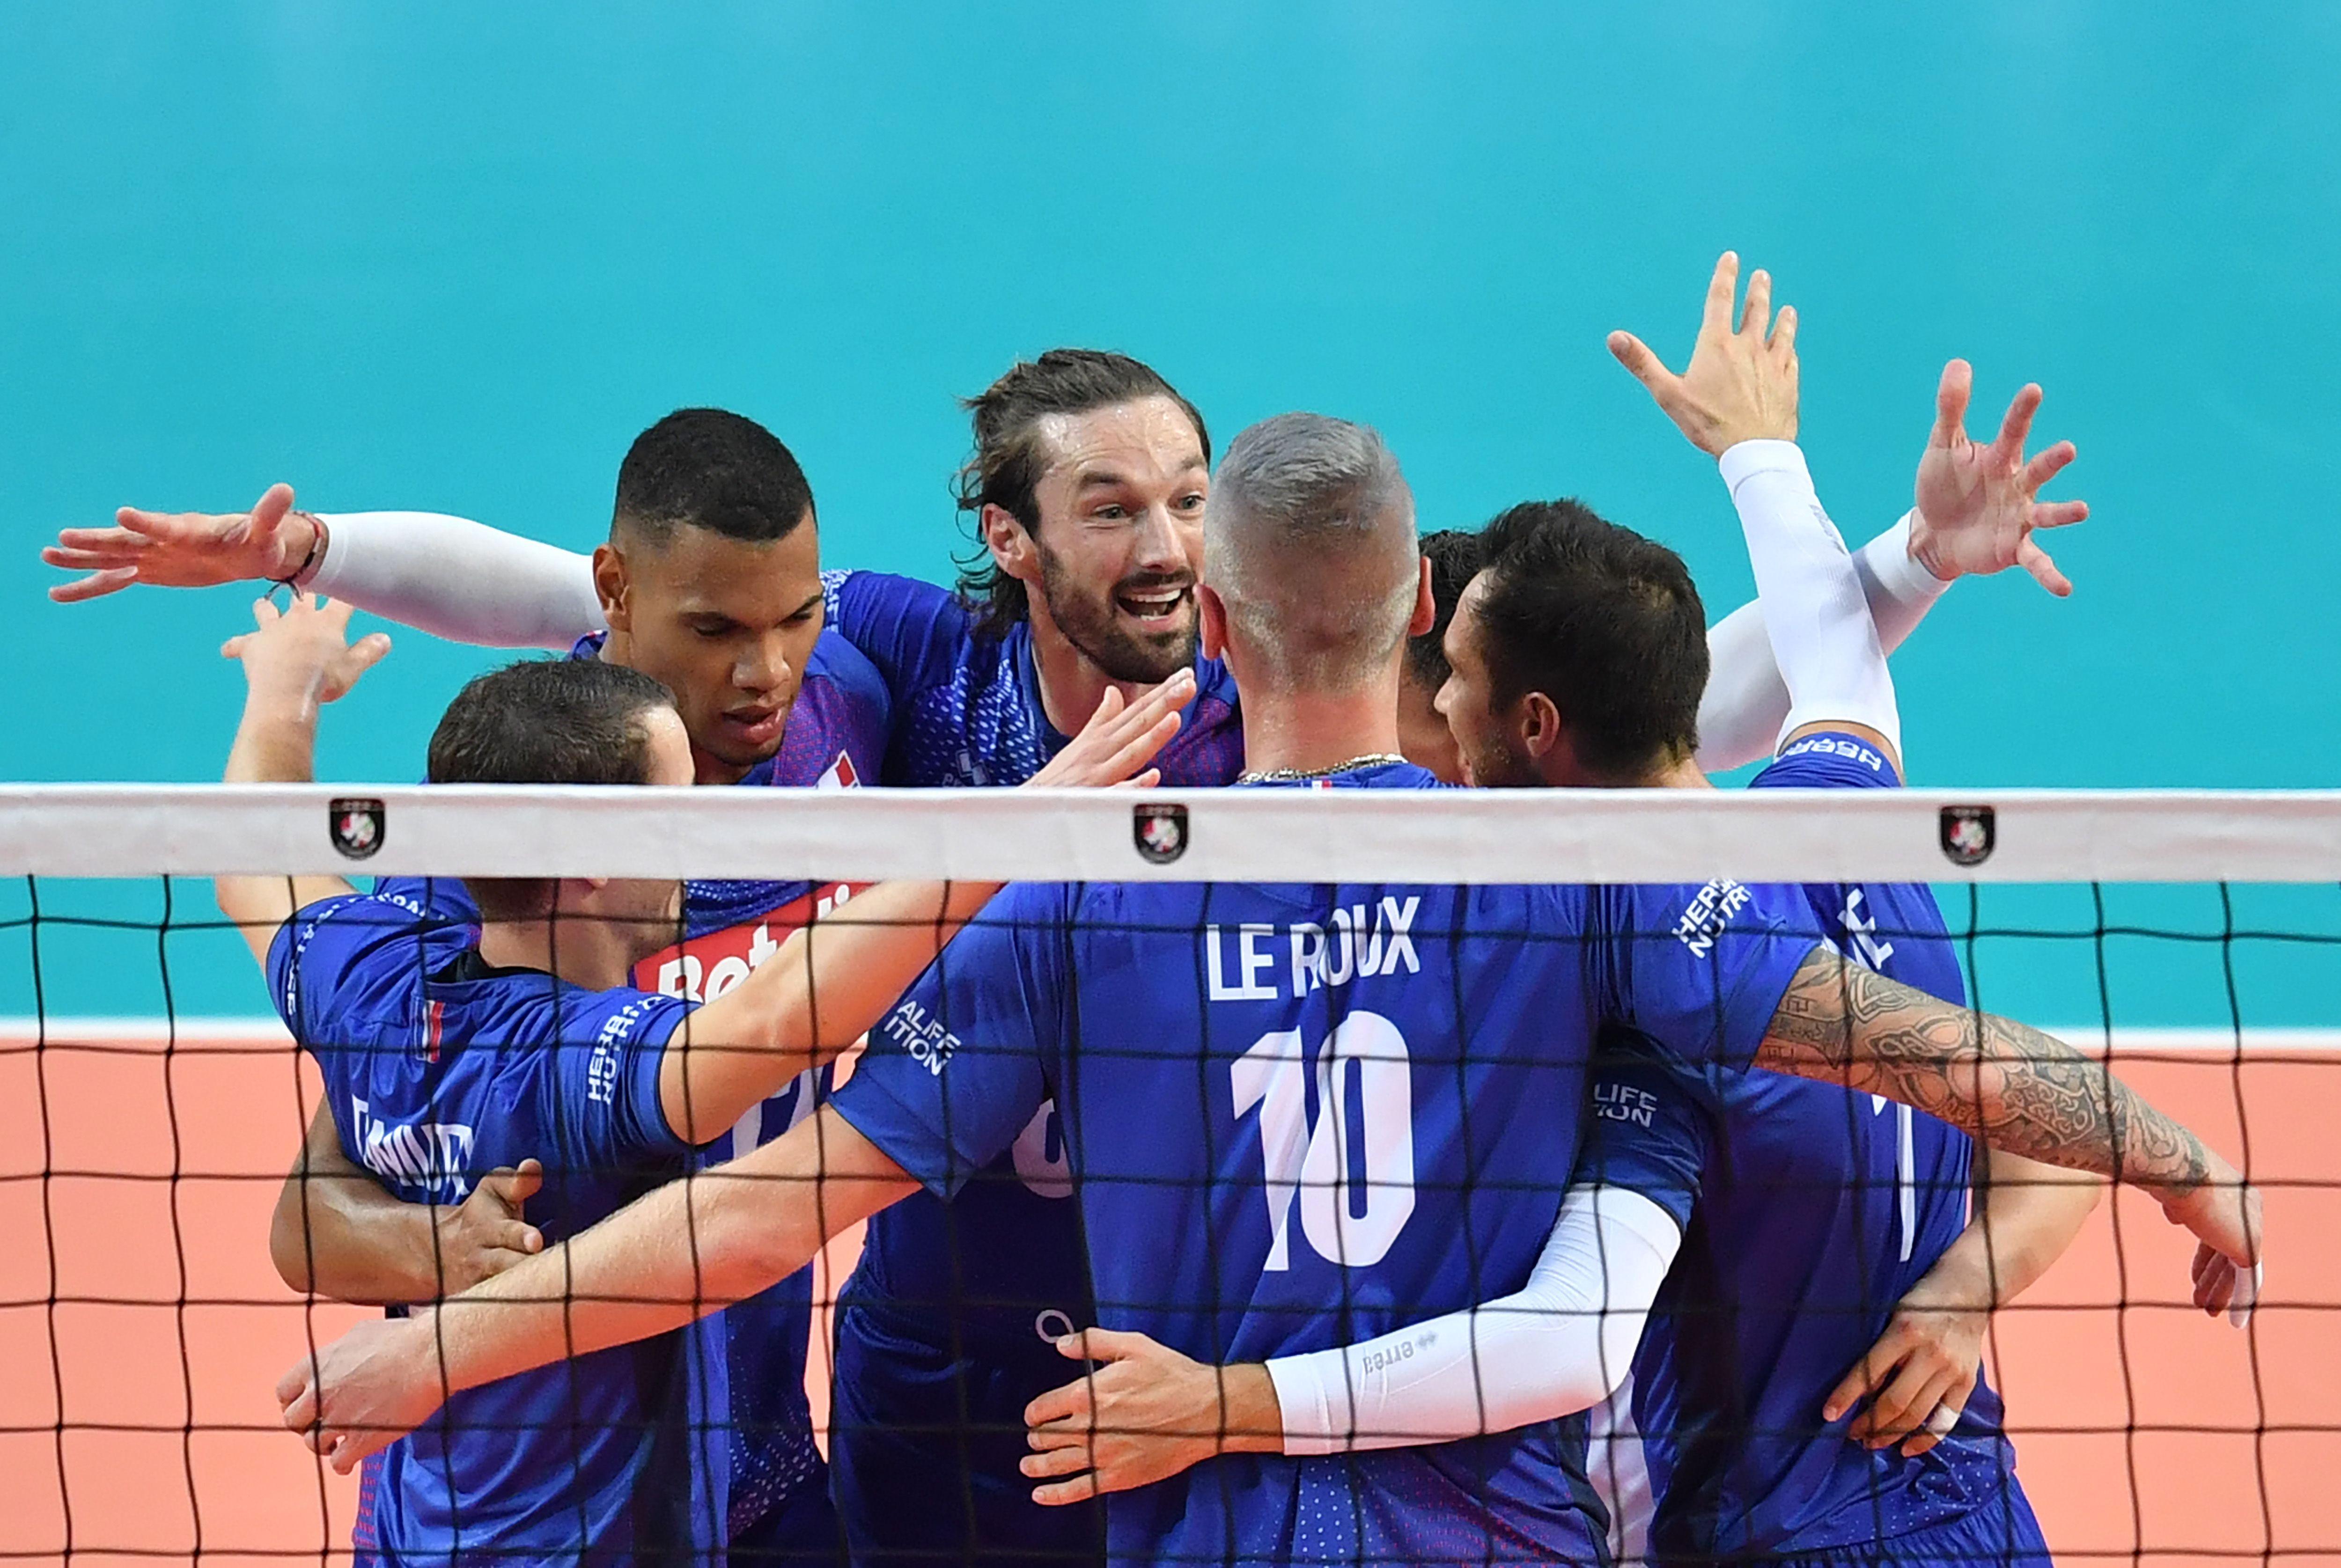 Volley - Equipe de France - Euro 2019 de volley : la France démarre en trombe contre la Roumanie